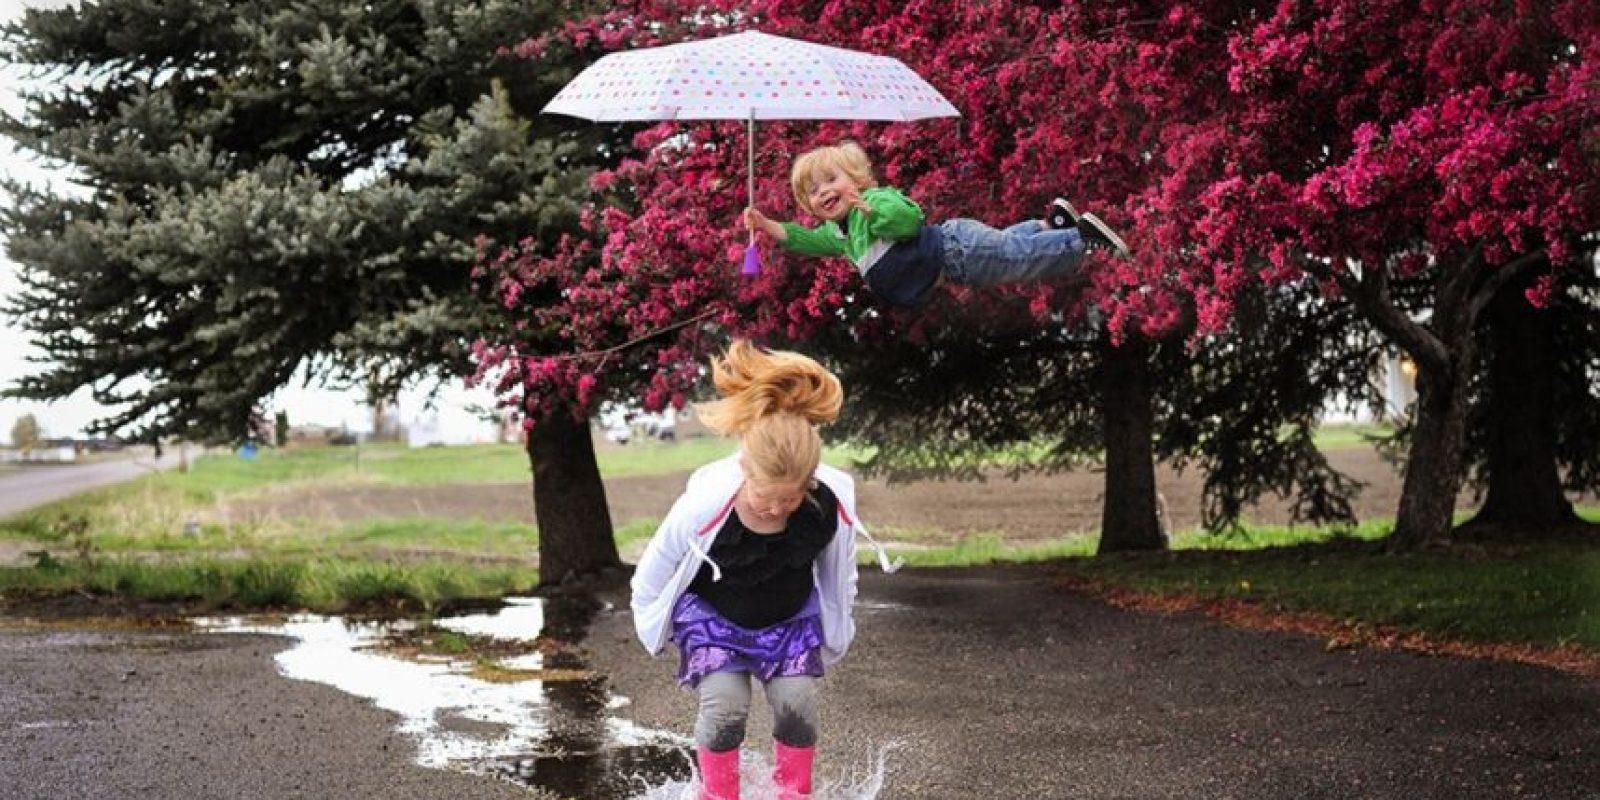 Y aunque es el menor se ha vuelto su superhéroe. Foto:Vía thatdadblog.com